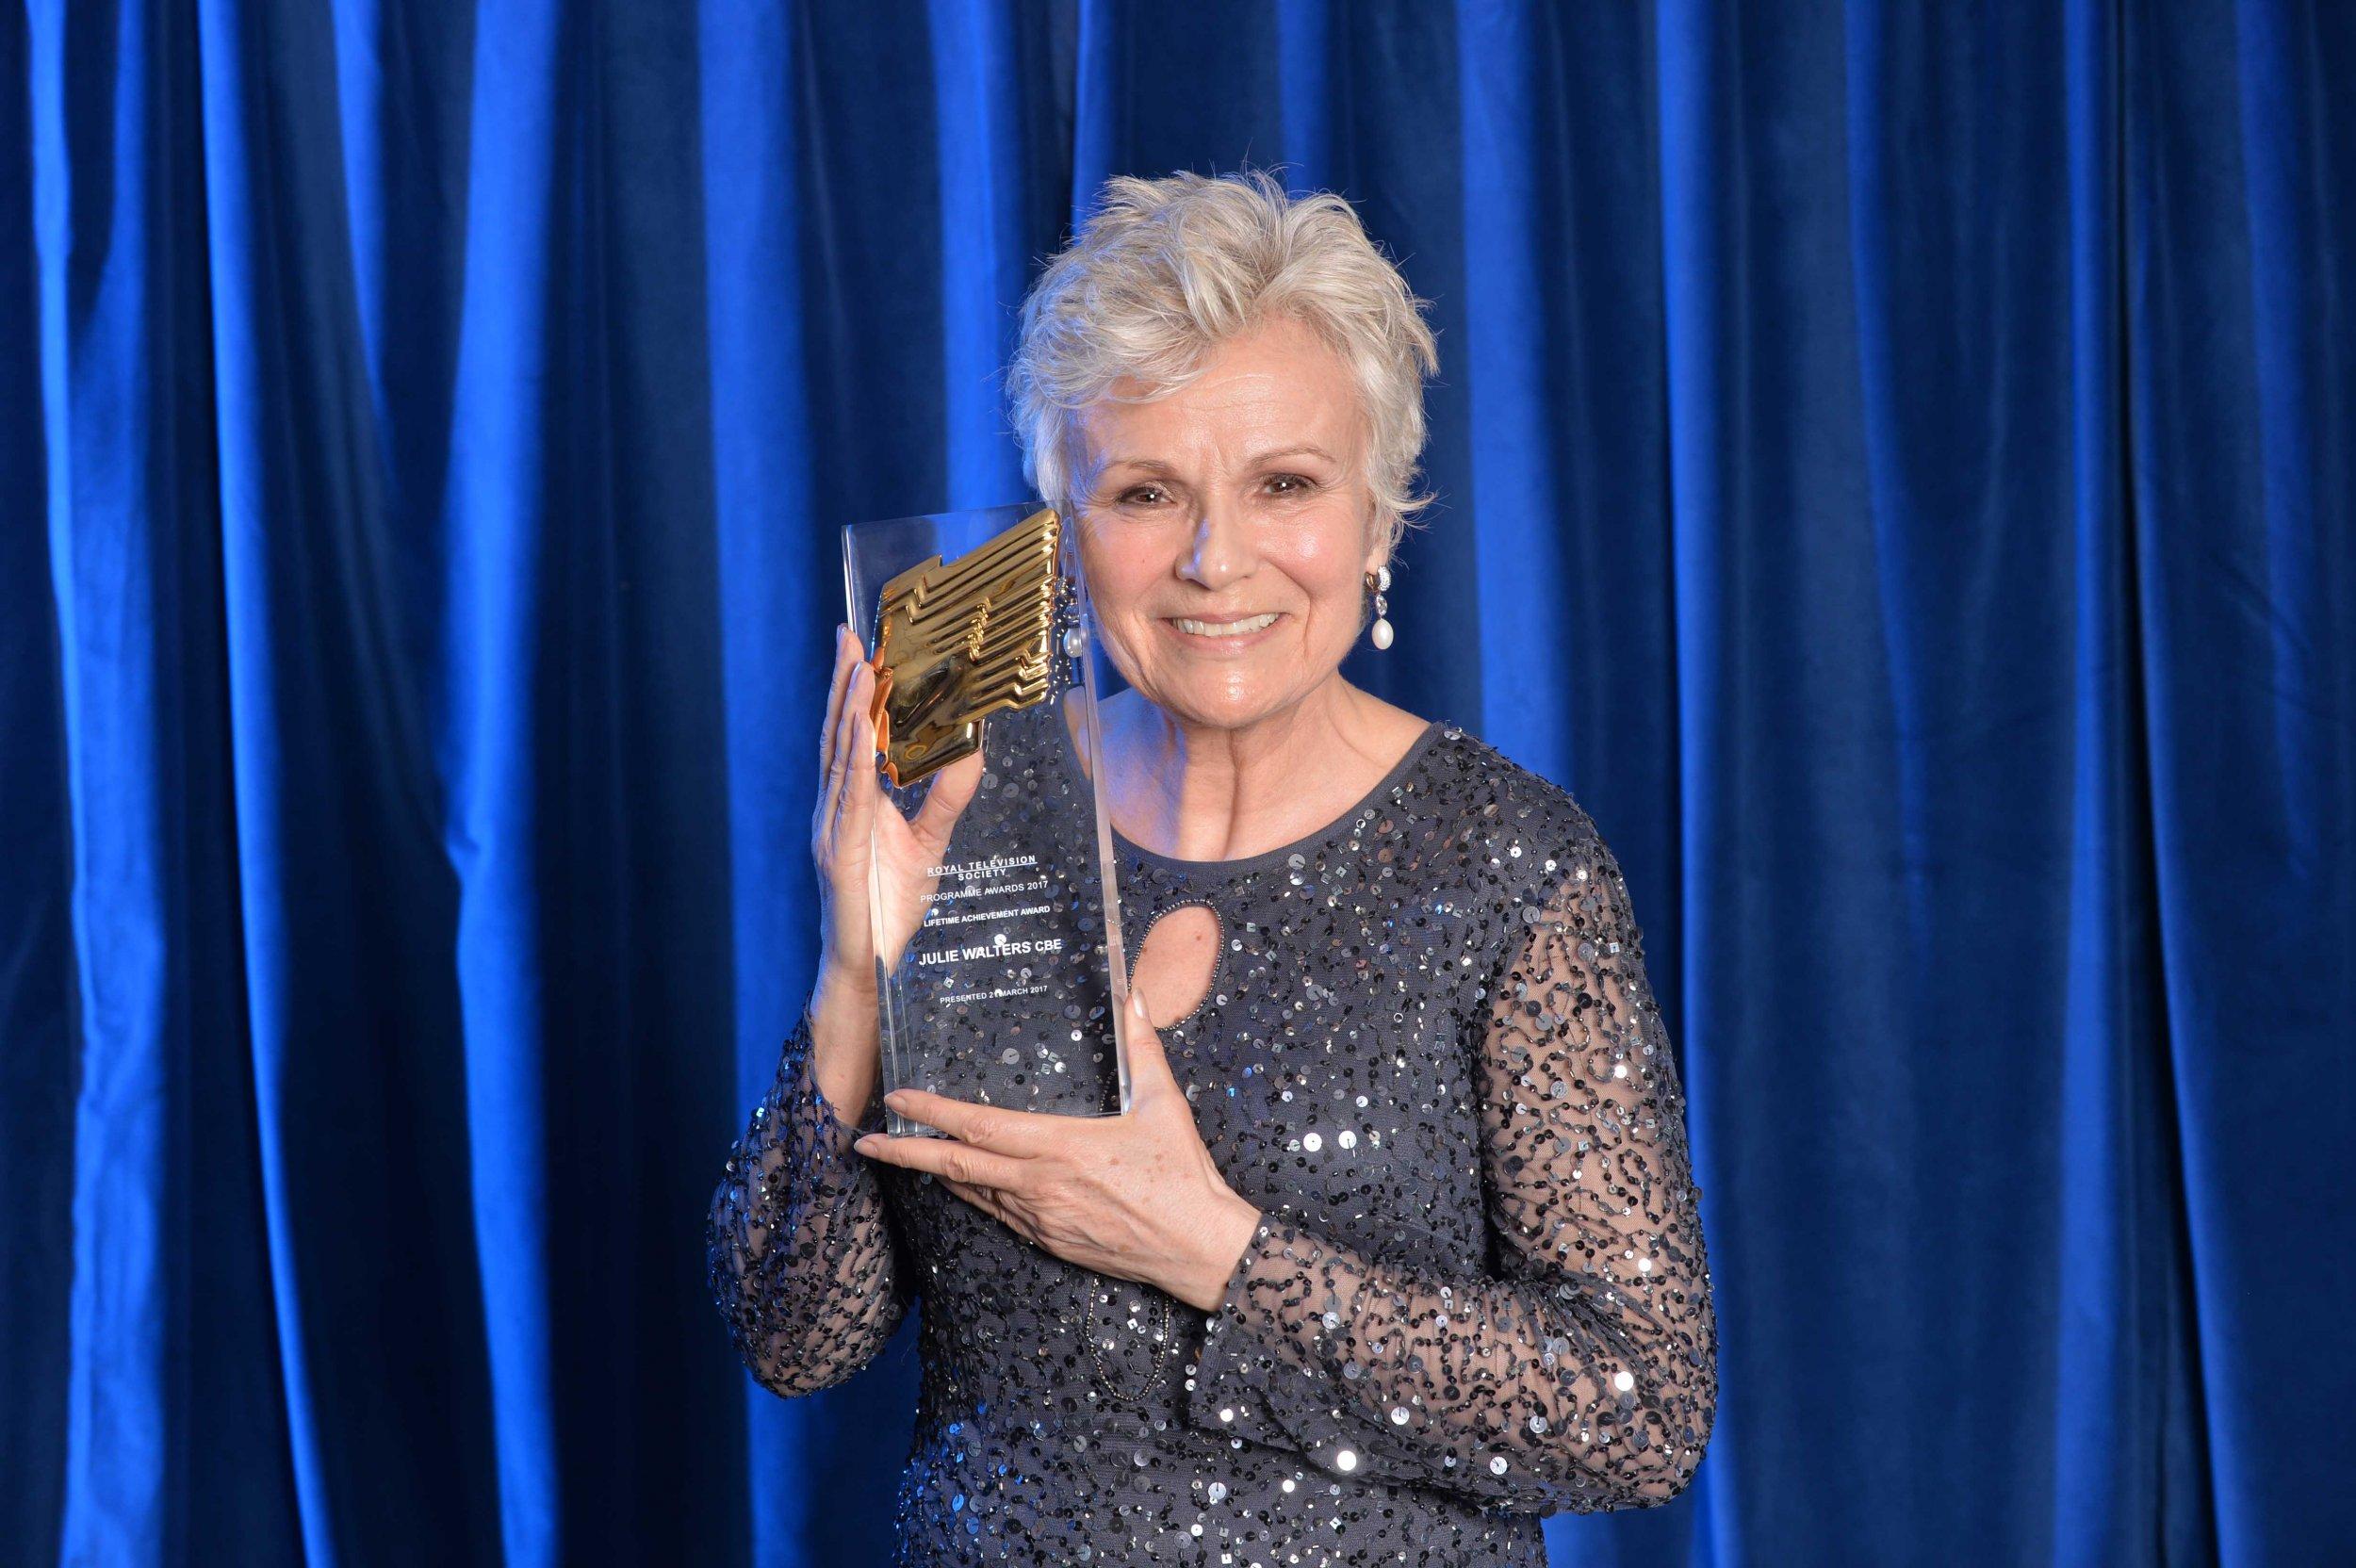 Julie Walters wins RTS Award